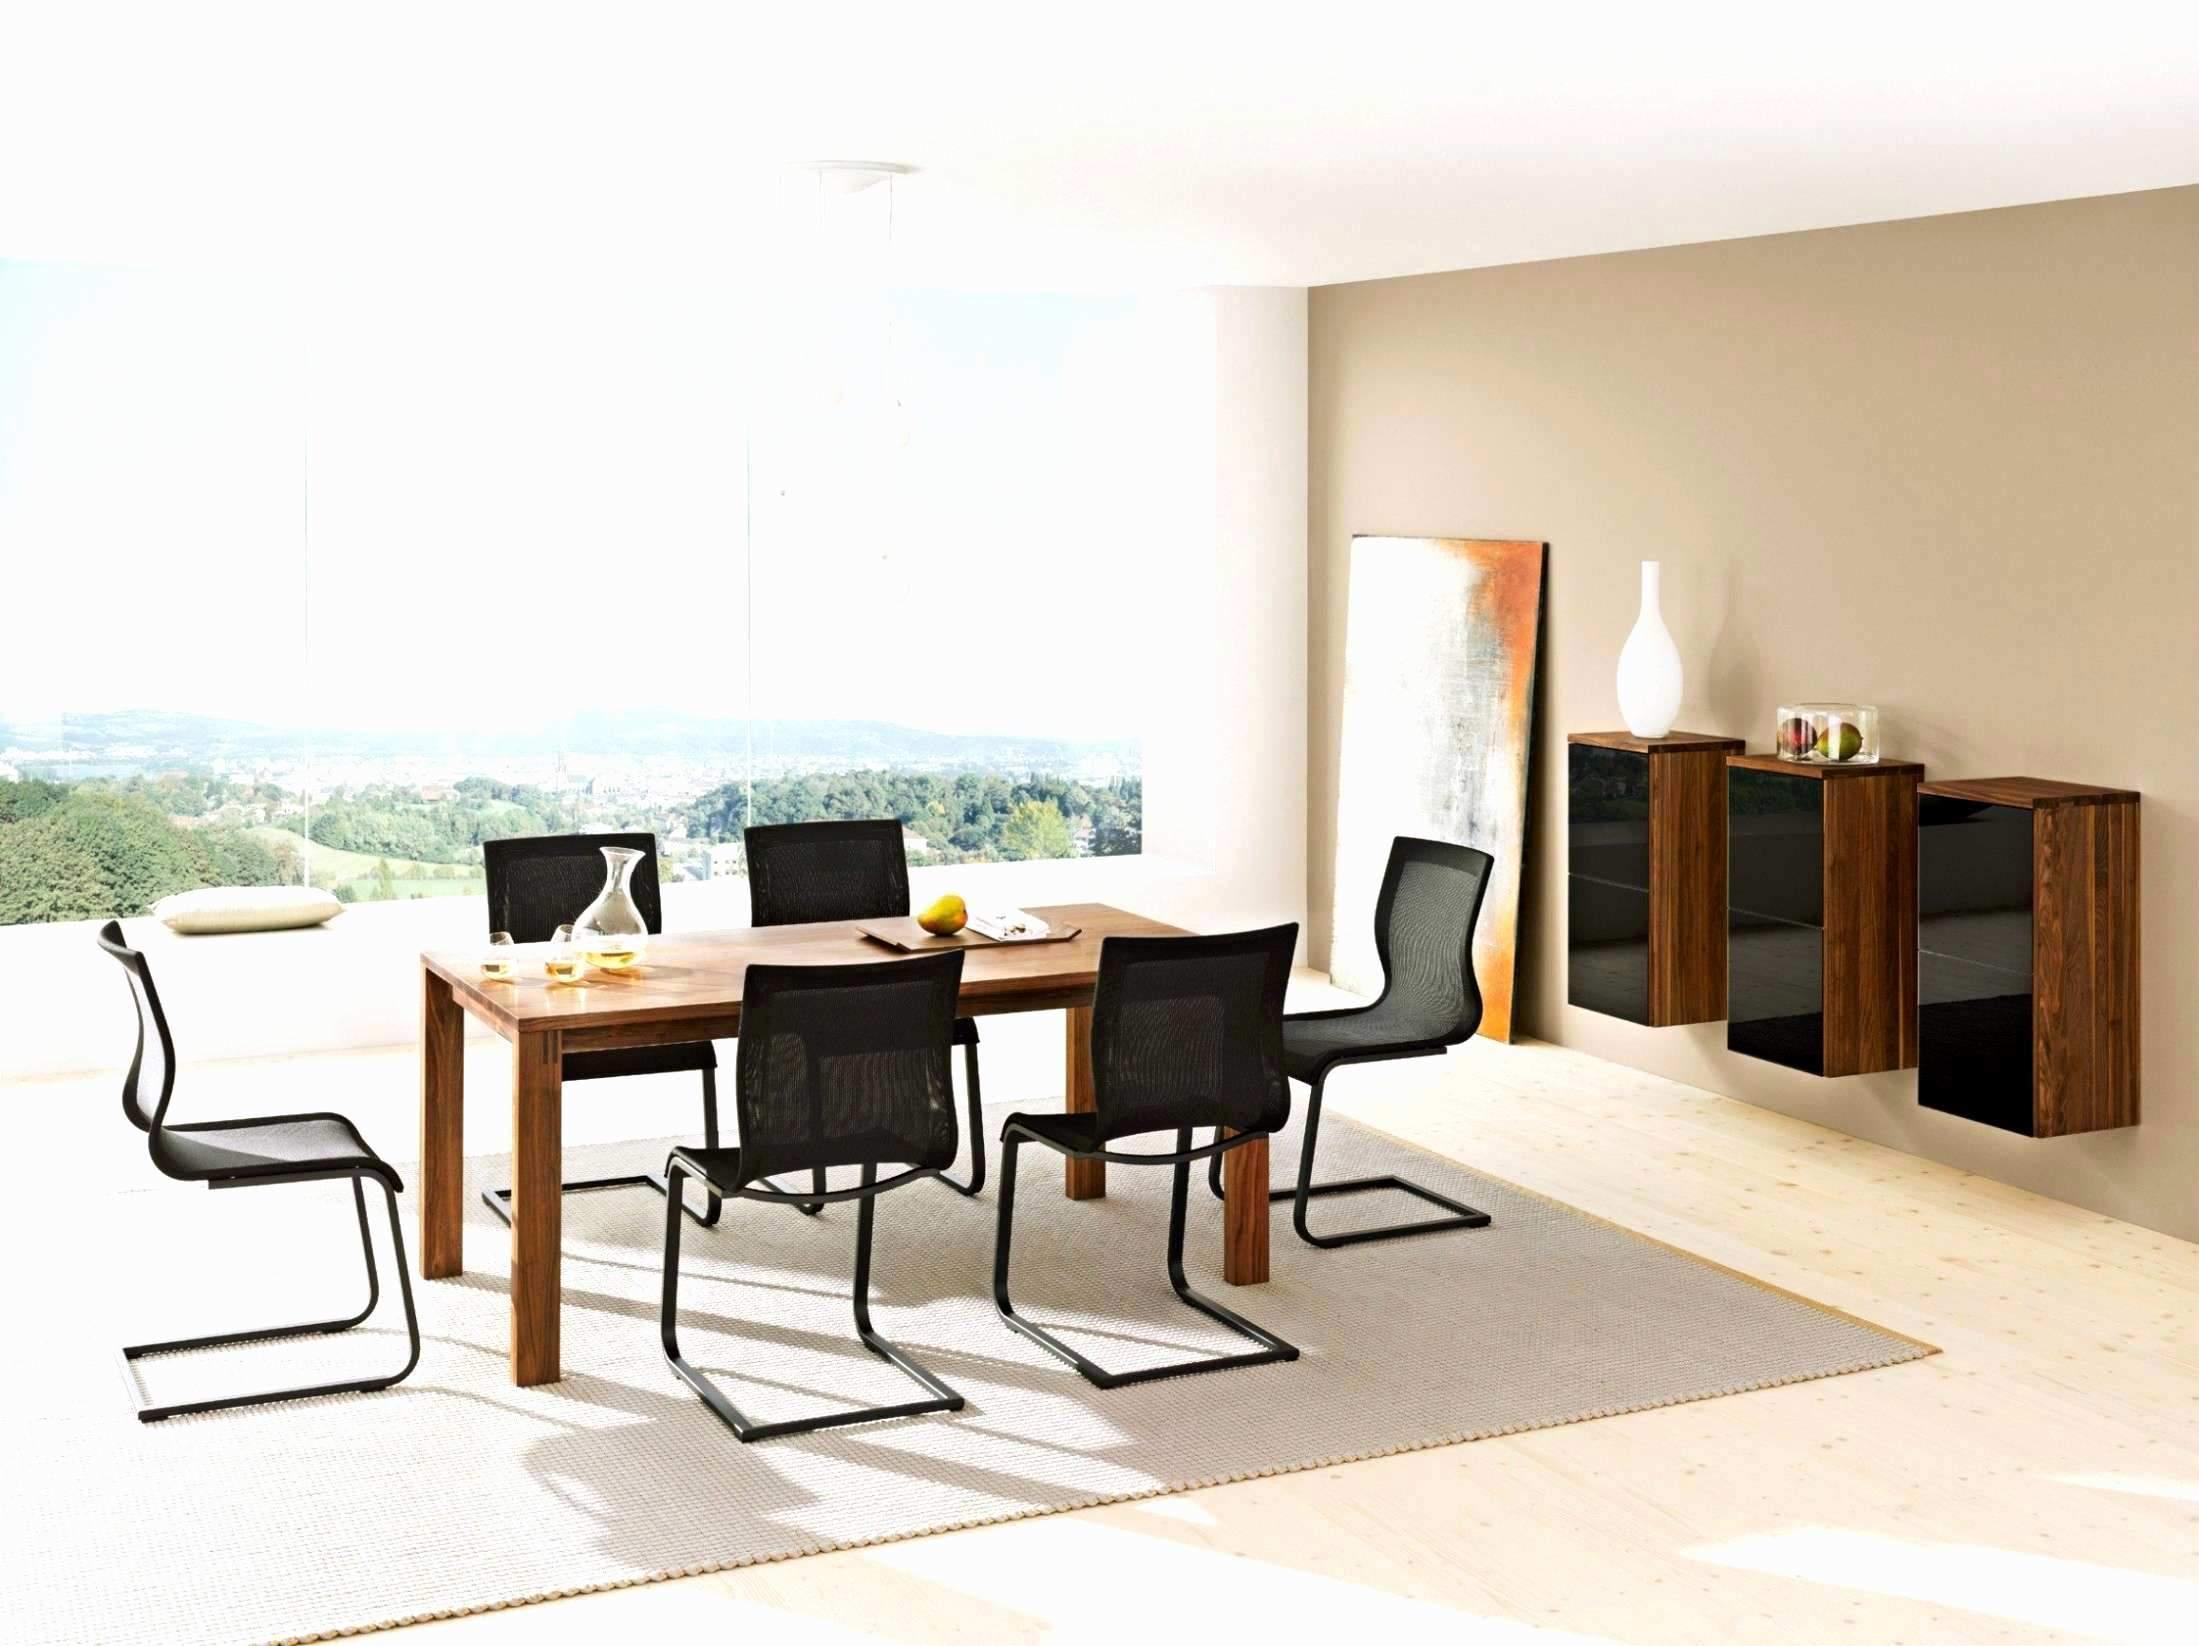 wanddeko wohnzimmer selber machen elegant 50 einzigartig von wohnzimmer deko selber machen meinung of wanddeko wohnzimmer selber machen